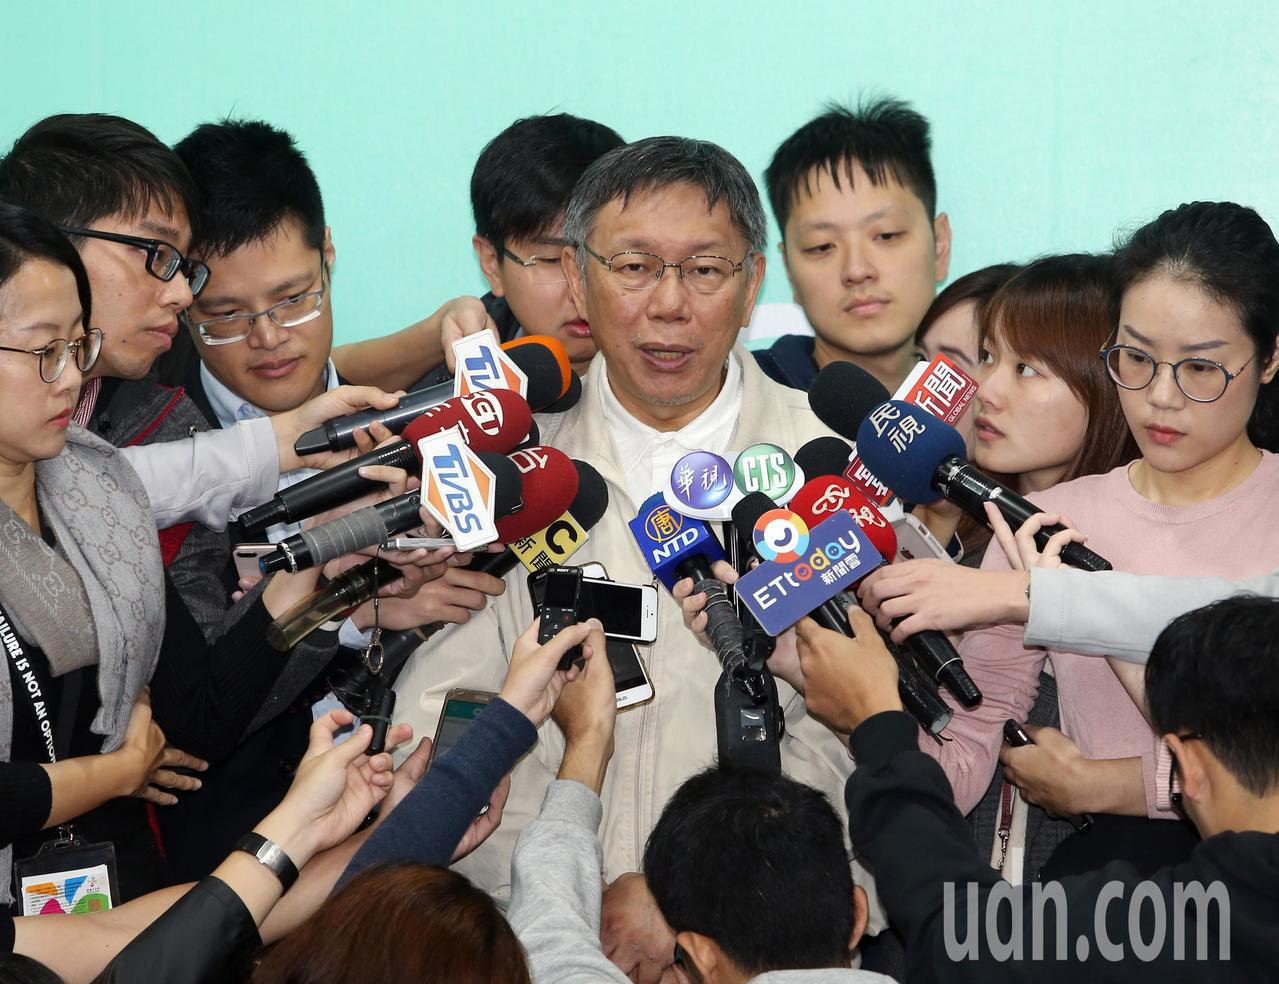 台北市傑出市民表揚典禮上午舉行,市長柯文哲出席致詞,並接受媒體採訪。記者曾吉松/...